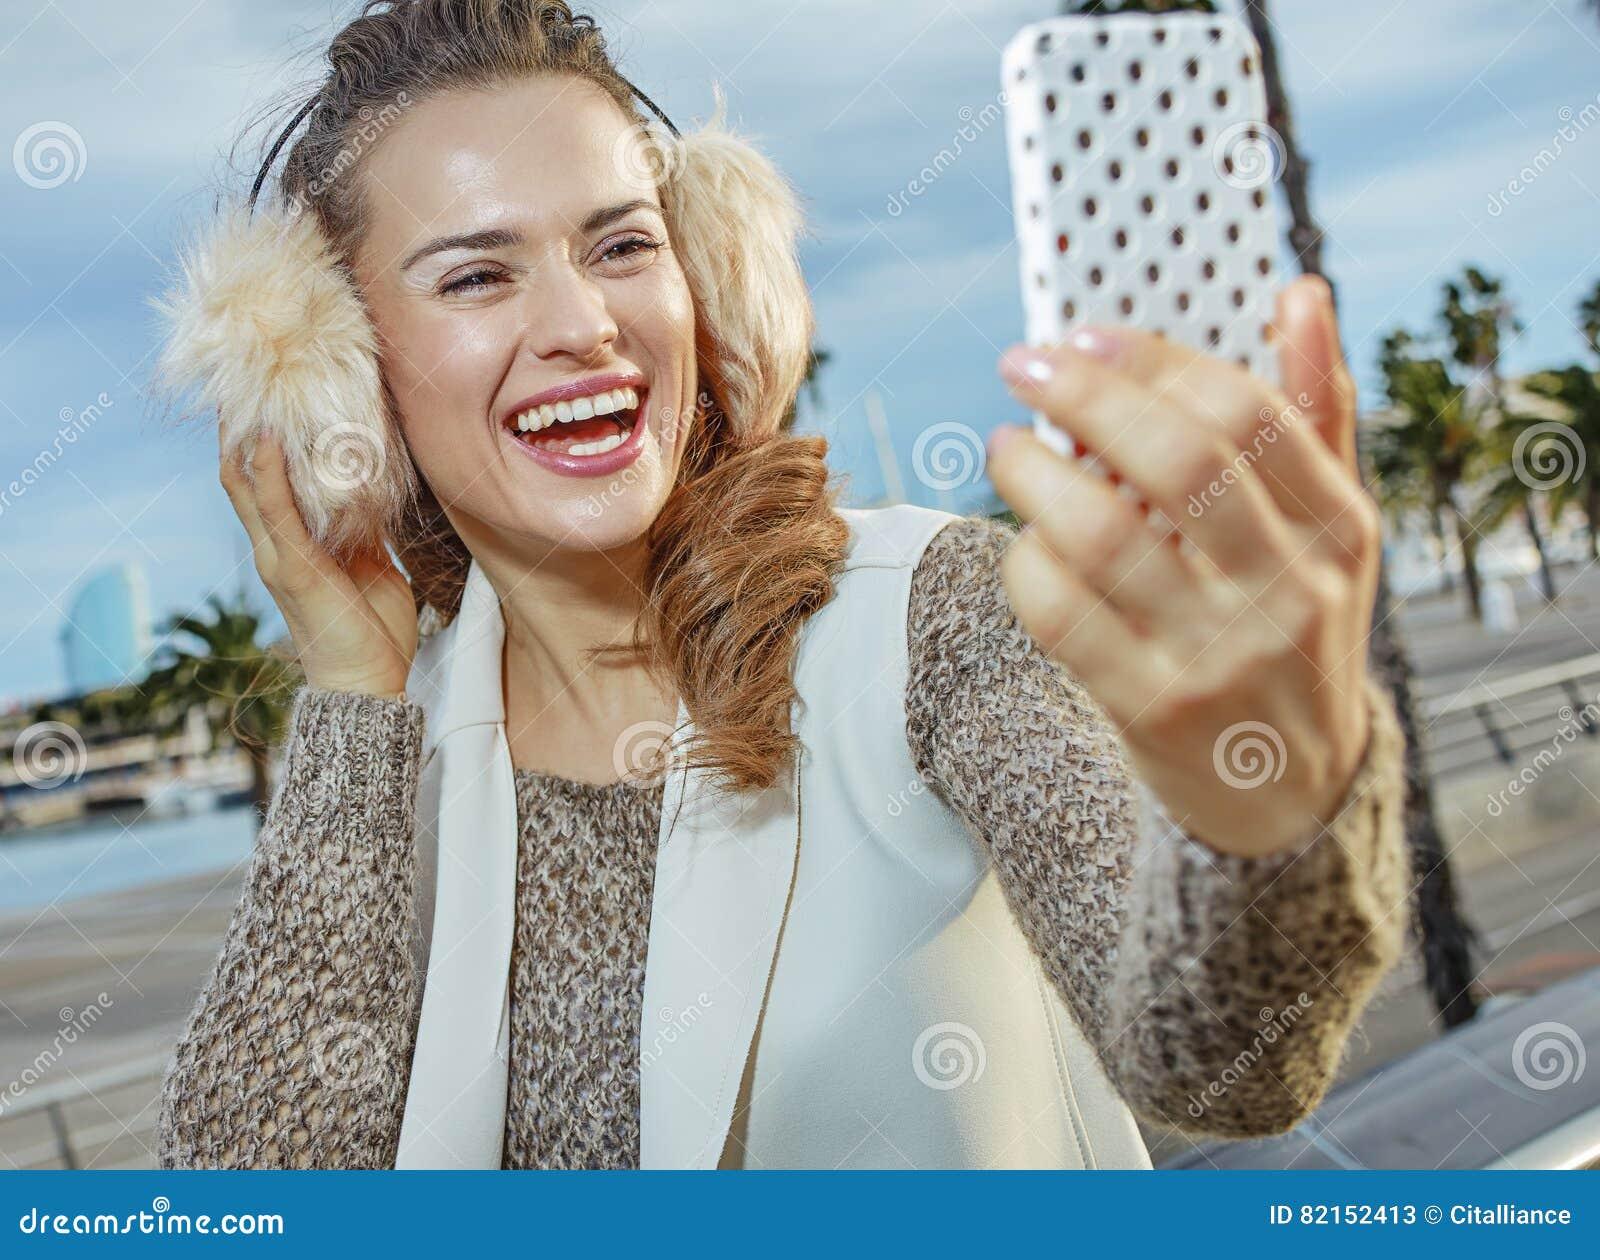 Frau Auf Damm In Barcelona, Das Selfie Mit Smartphone